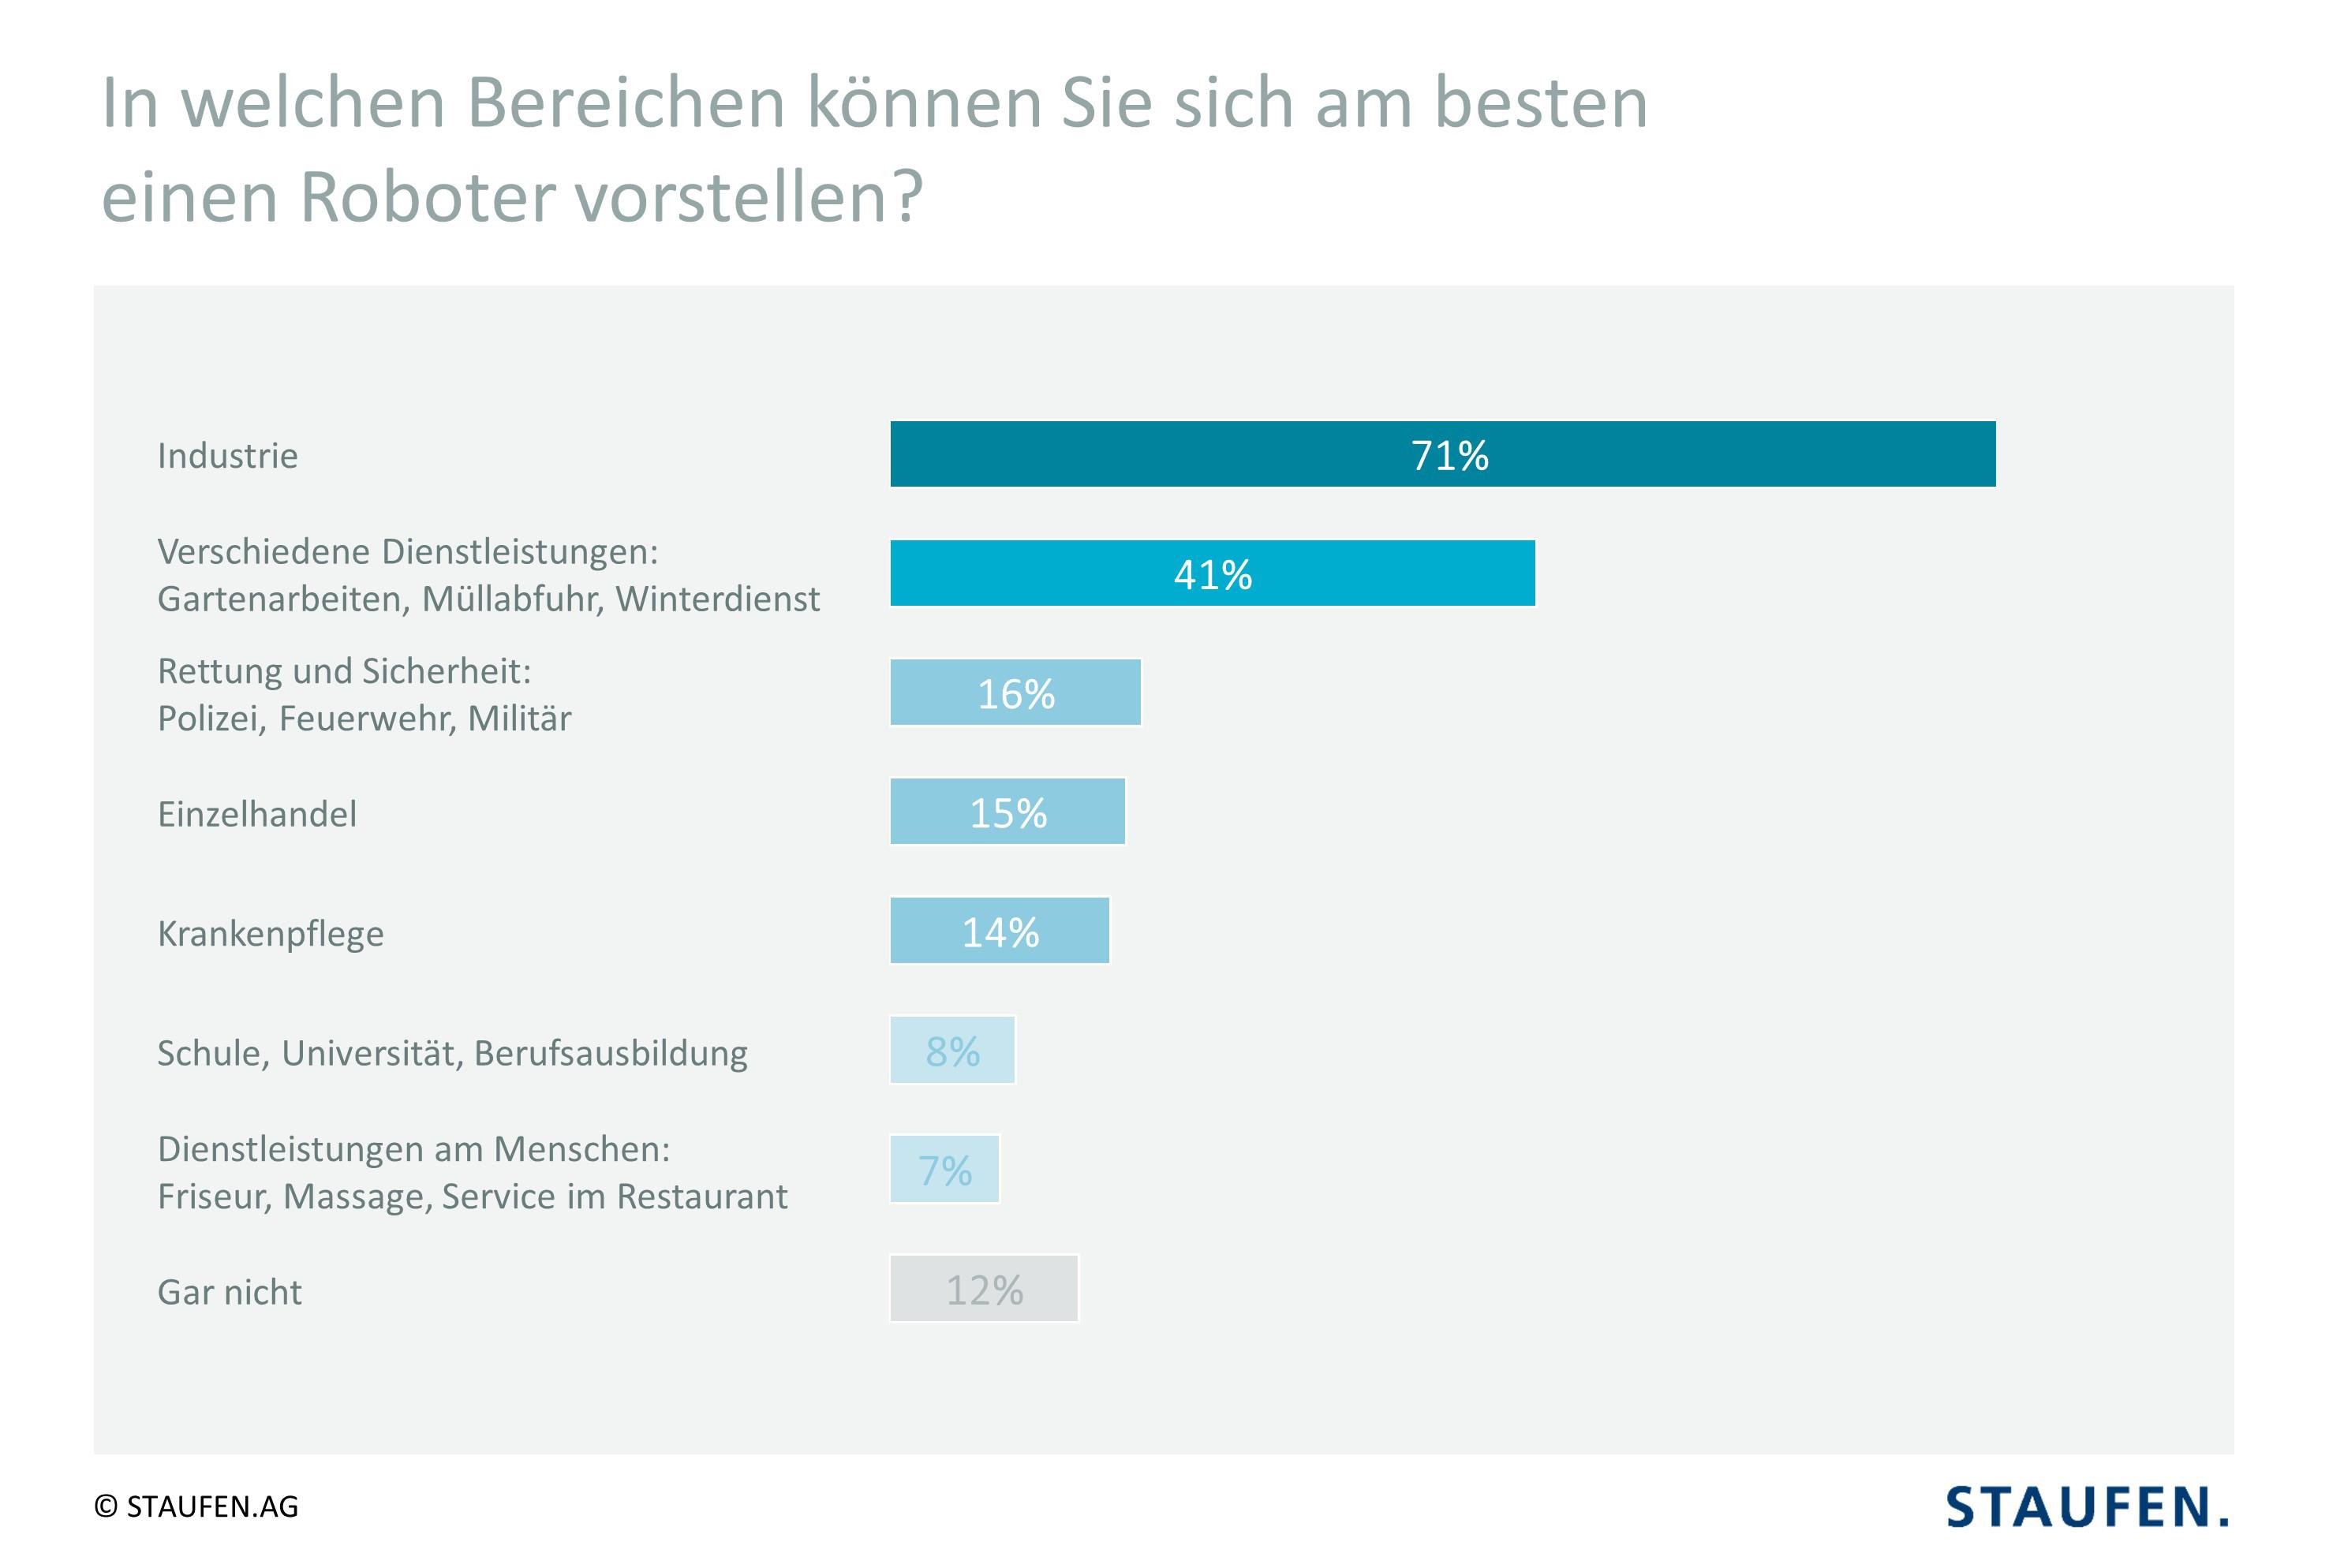 71% sehen Arbeitseinsatz von Robotern vor allem in der Industrie